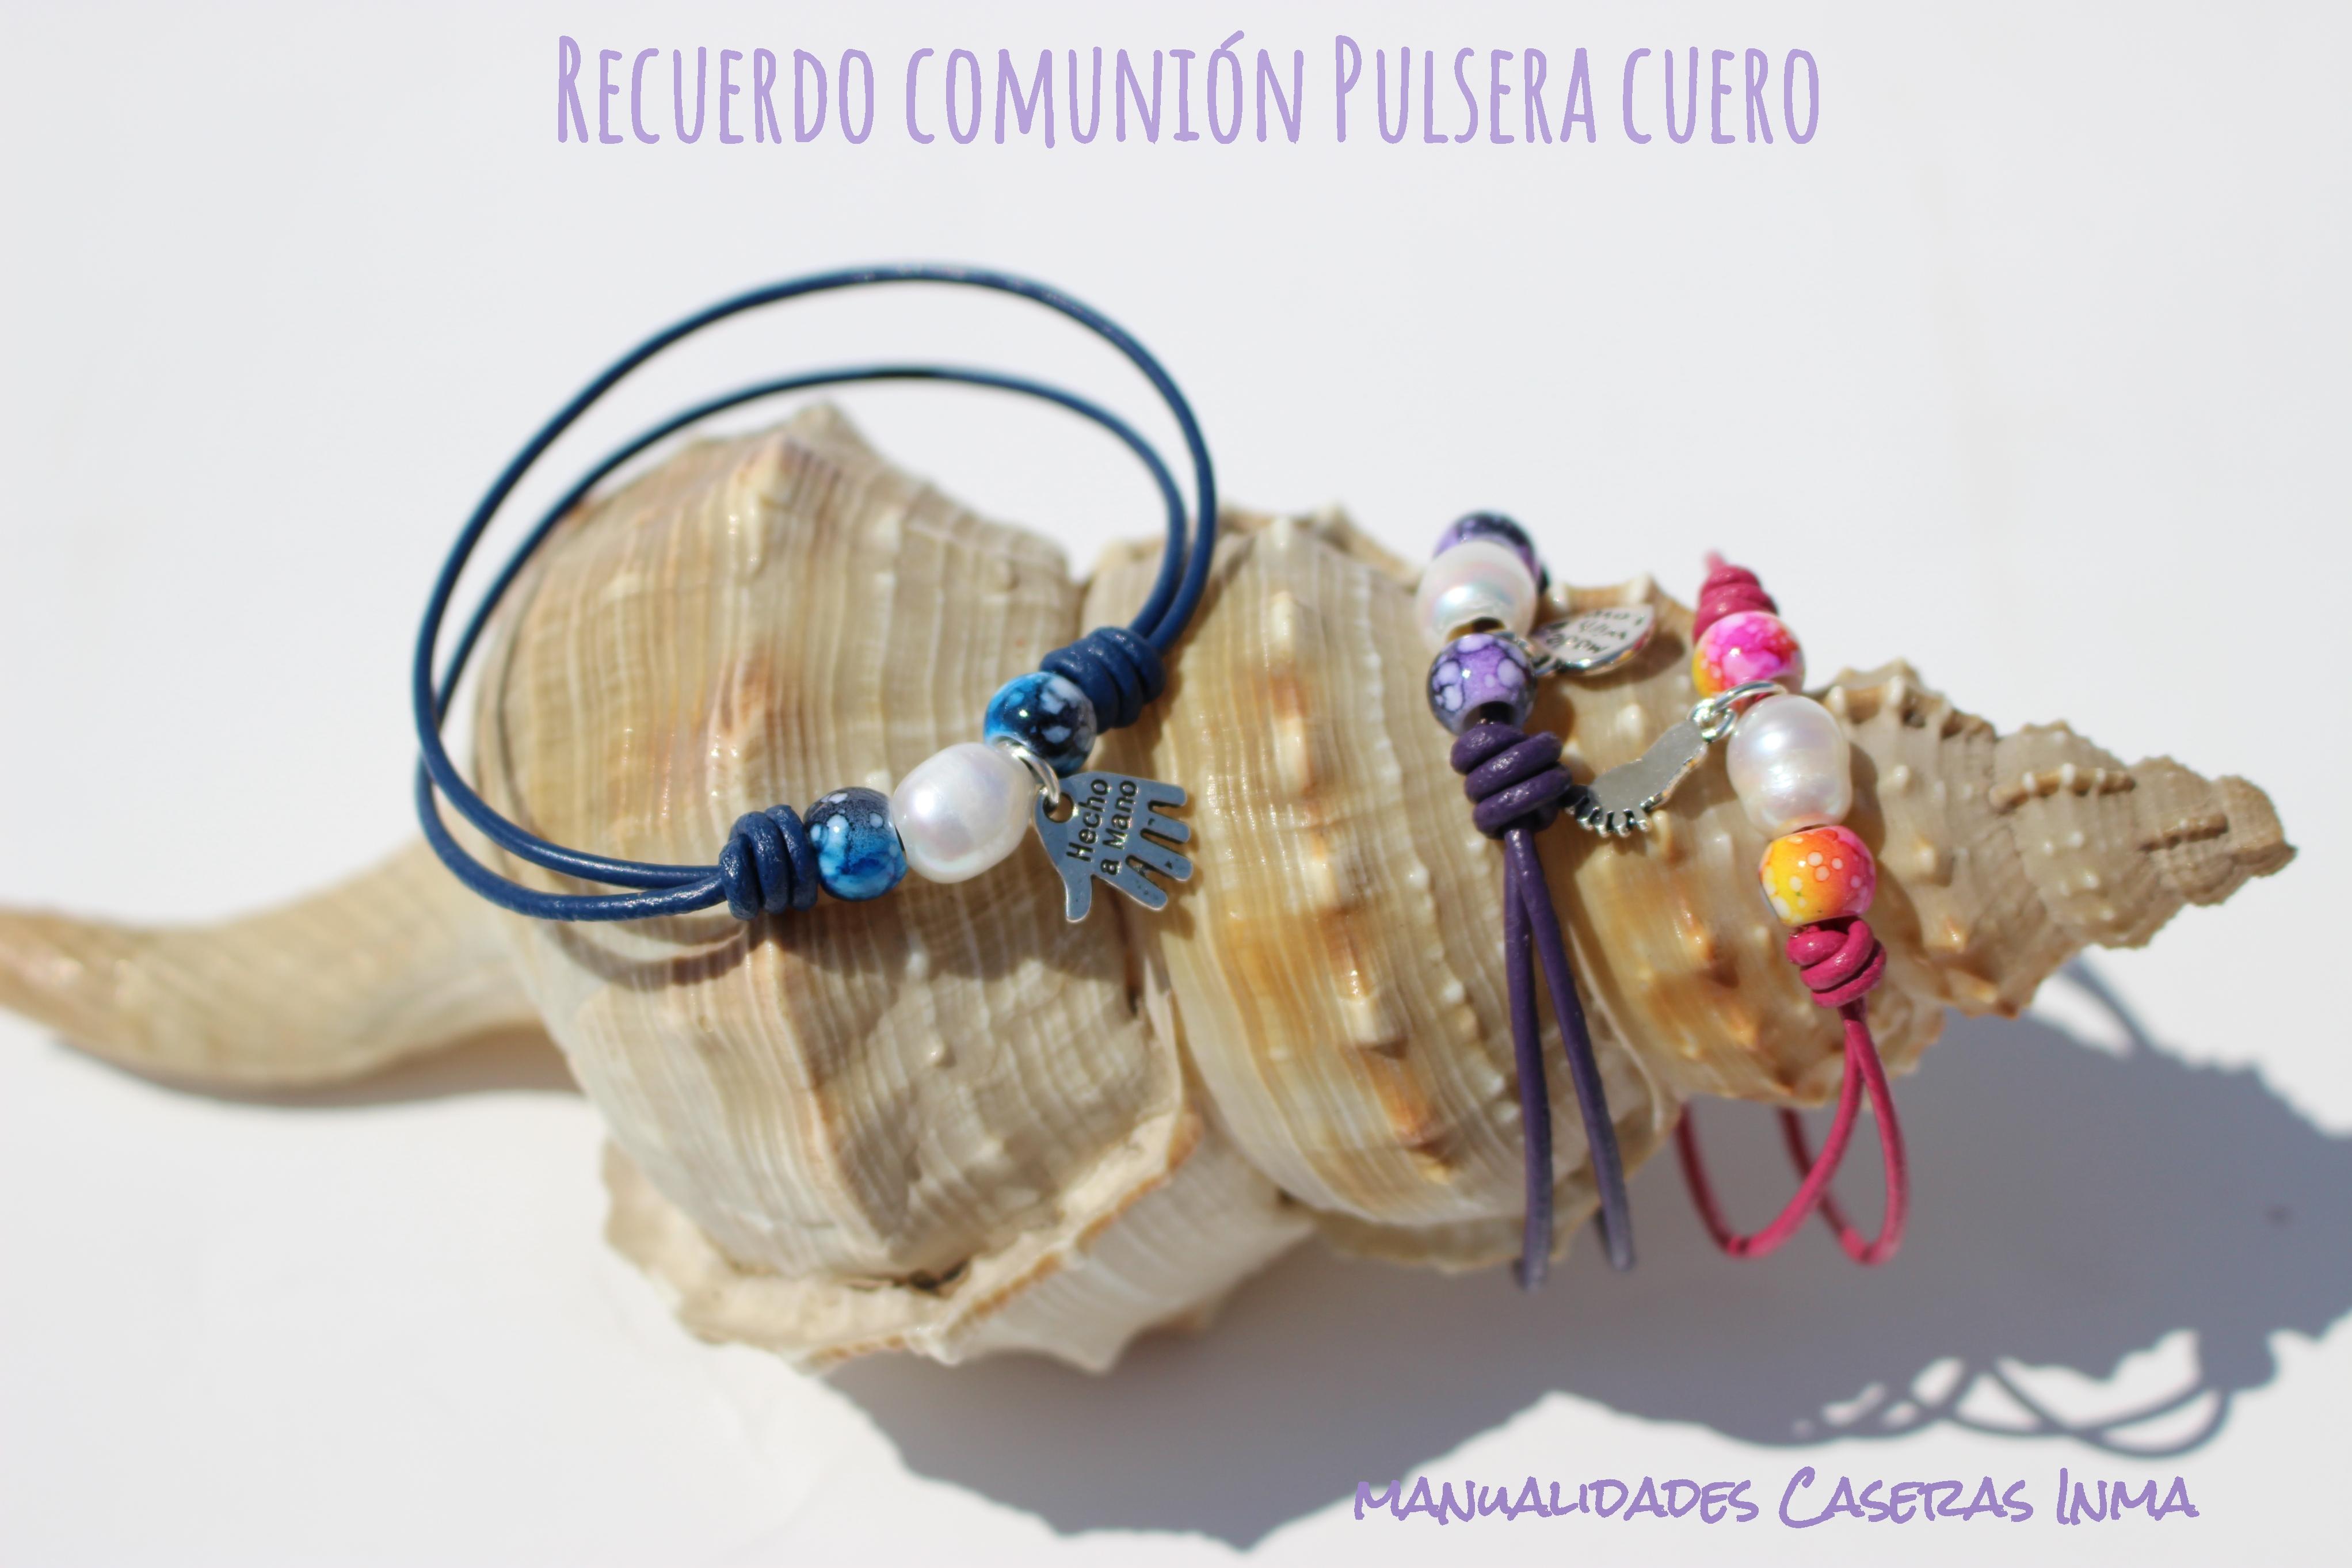 Manualidades Caseras Inma_Recuerdo de comunión _Pulseras cuero de colores